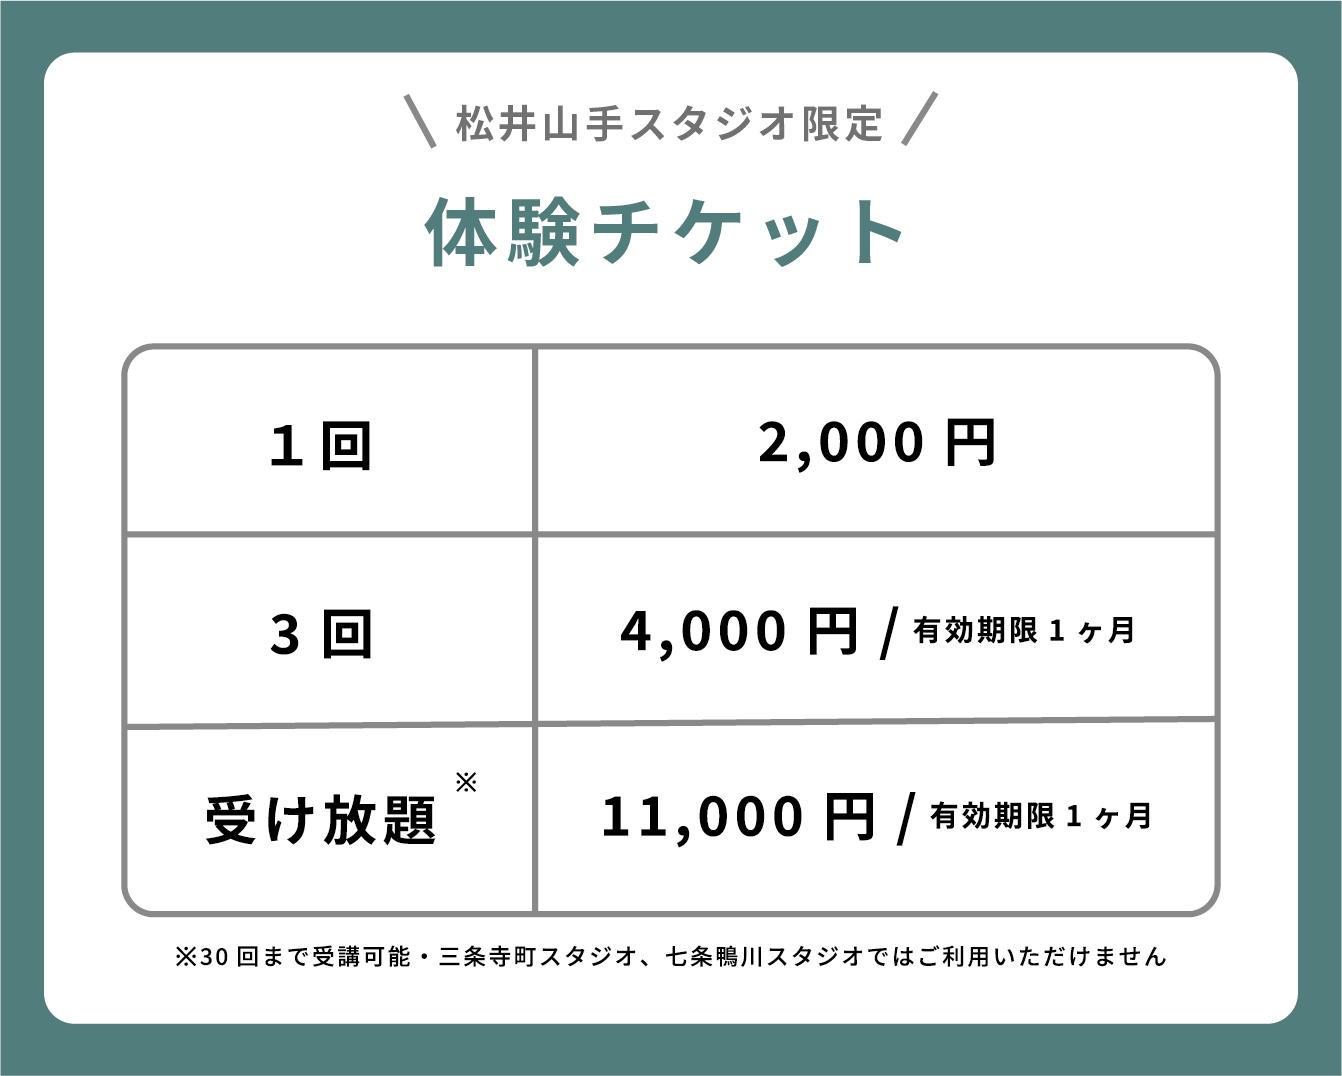 松井山手体験チケット-02.jpg